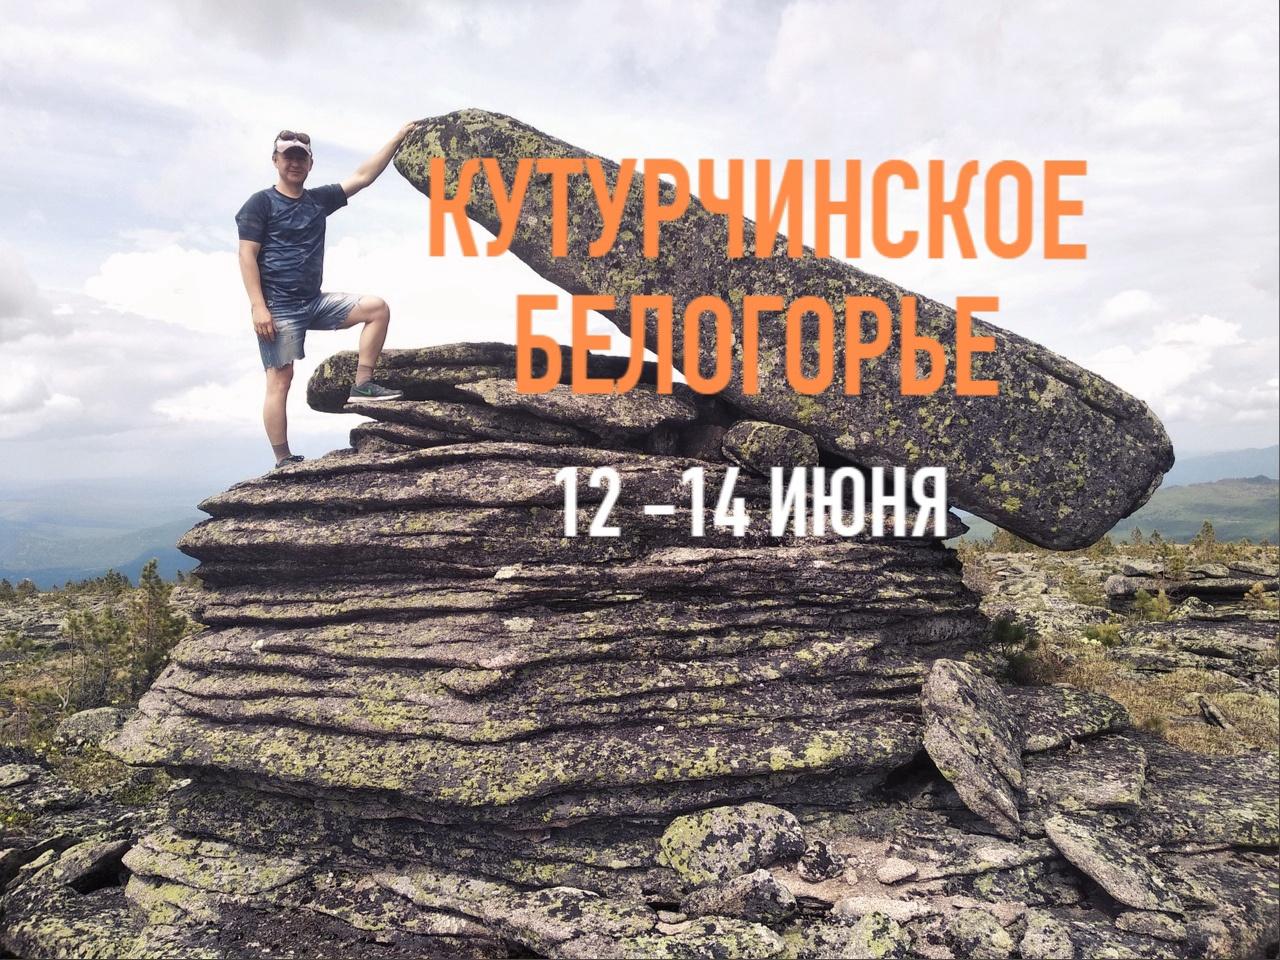 Афиша Красноярск Кутурчинское Белогорье 12-14 июня! (палатки)